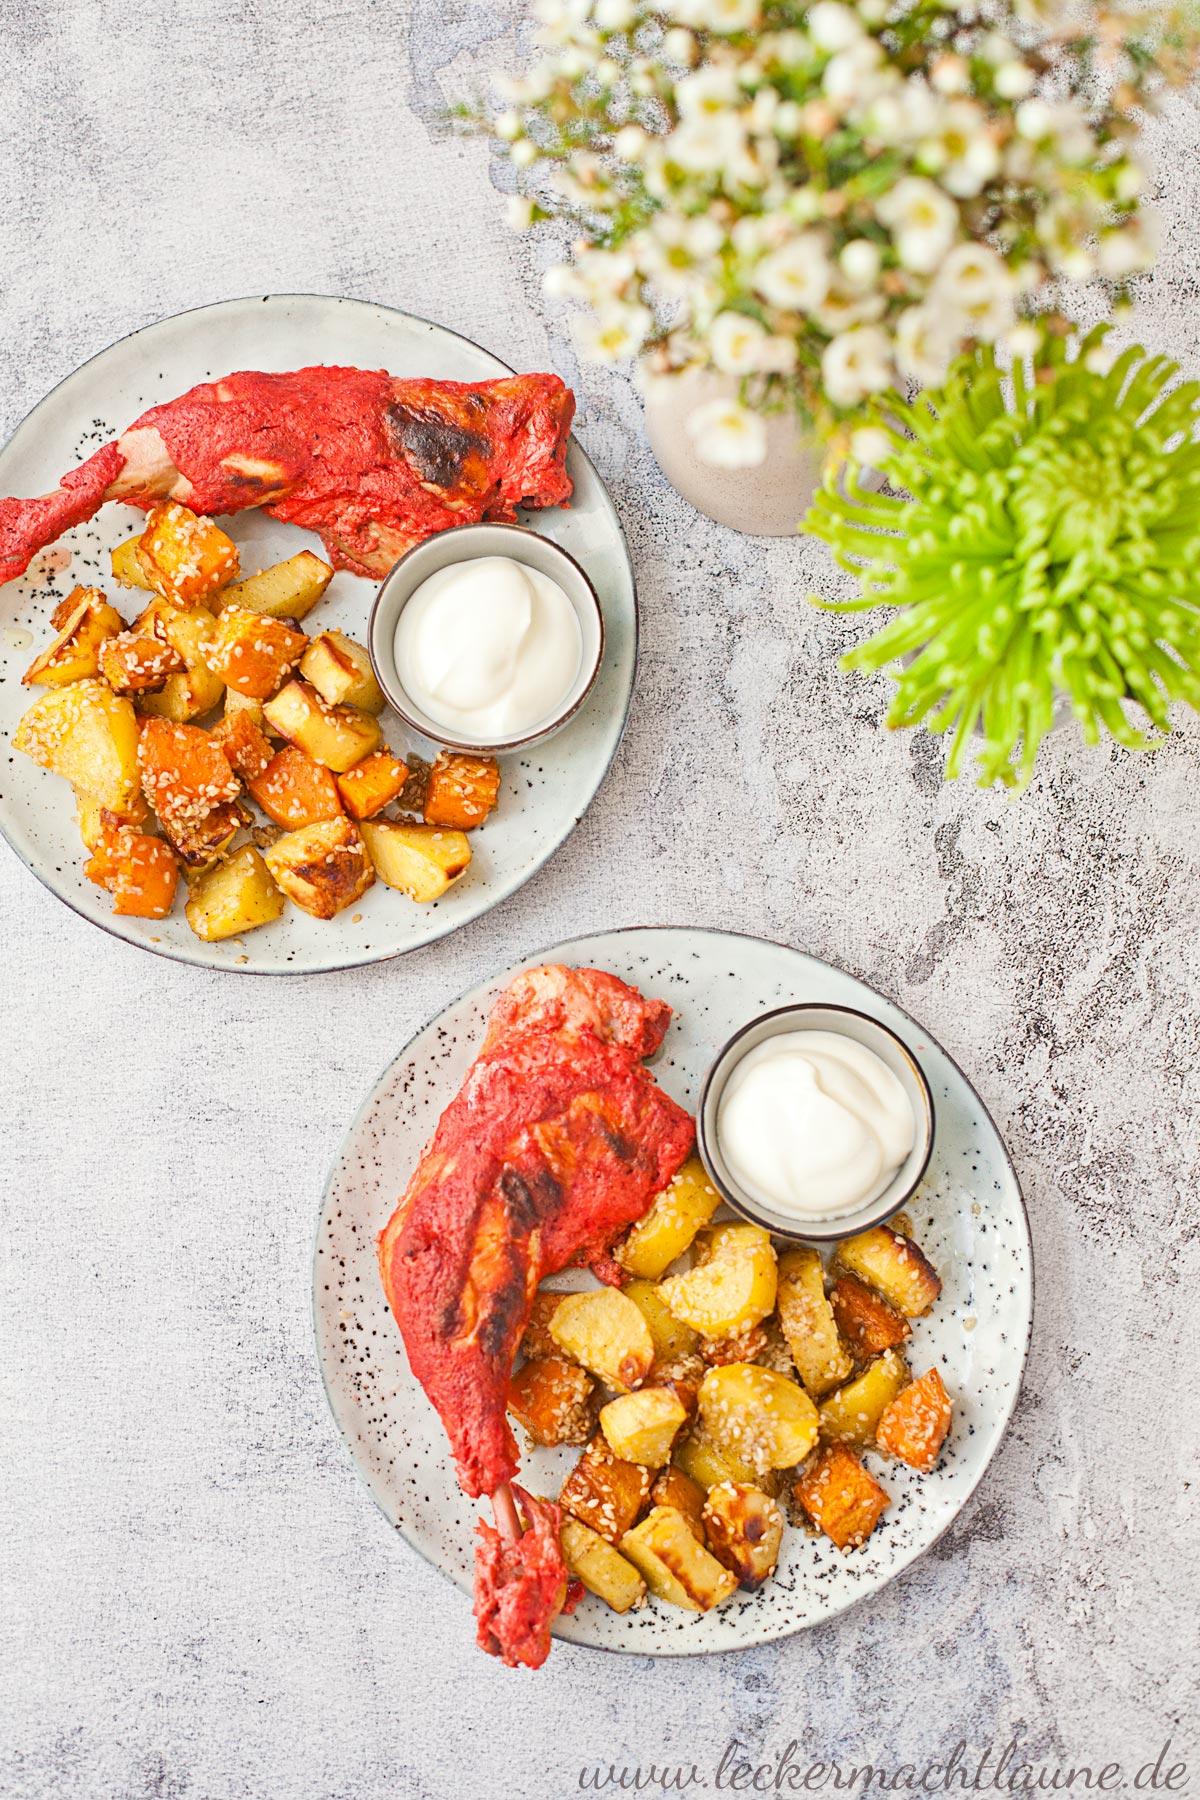 Tandoori-Hähnchen mit Sesam-Kartoffeln